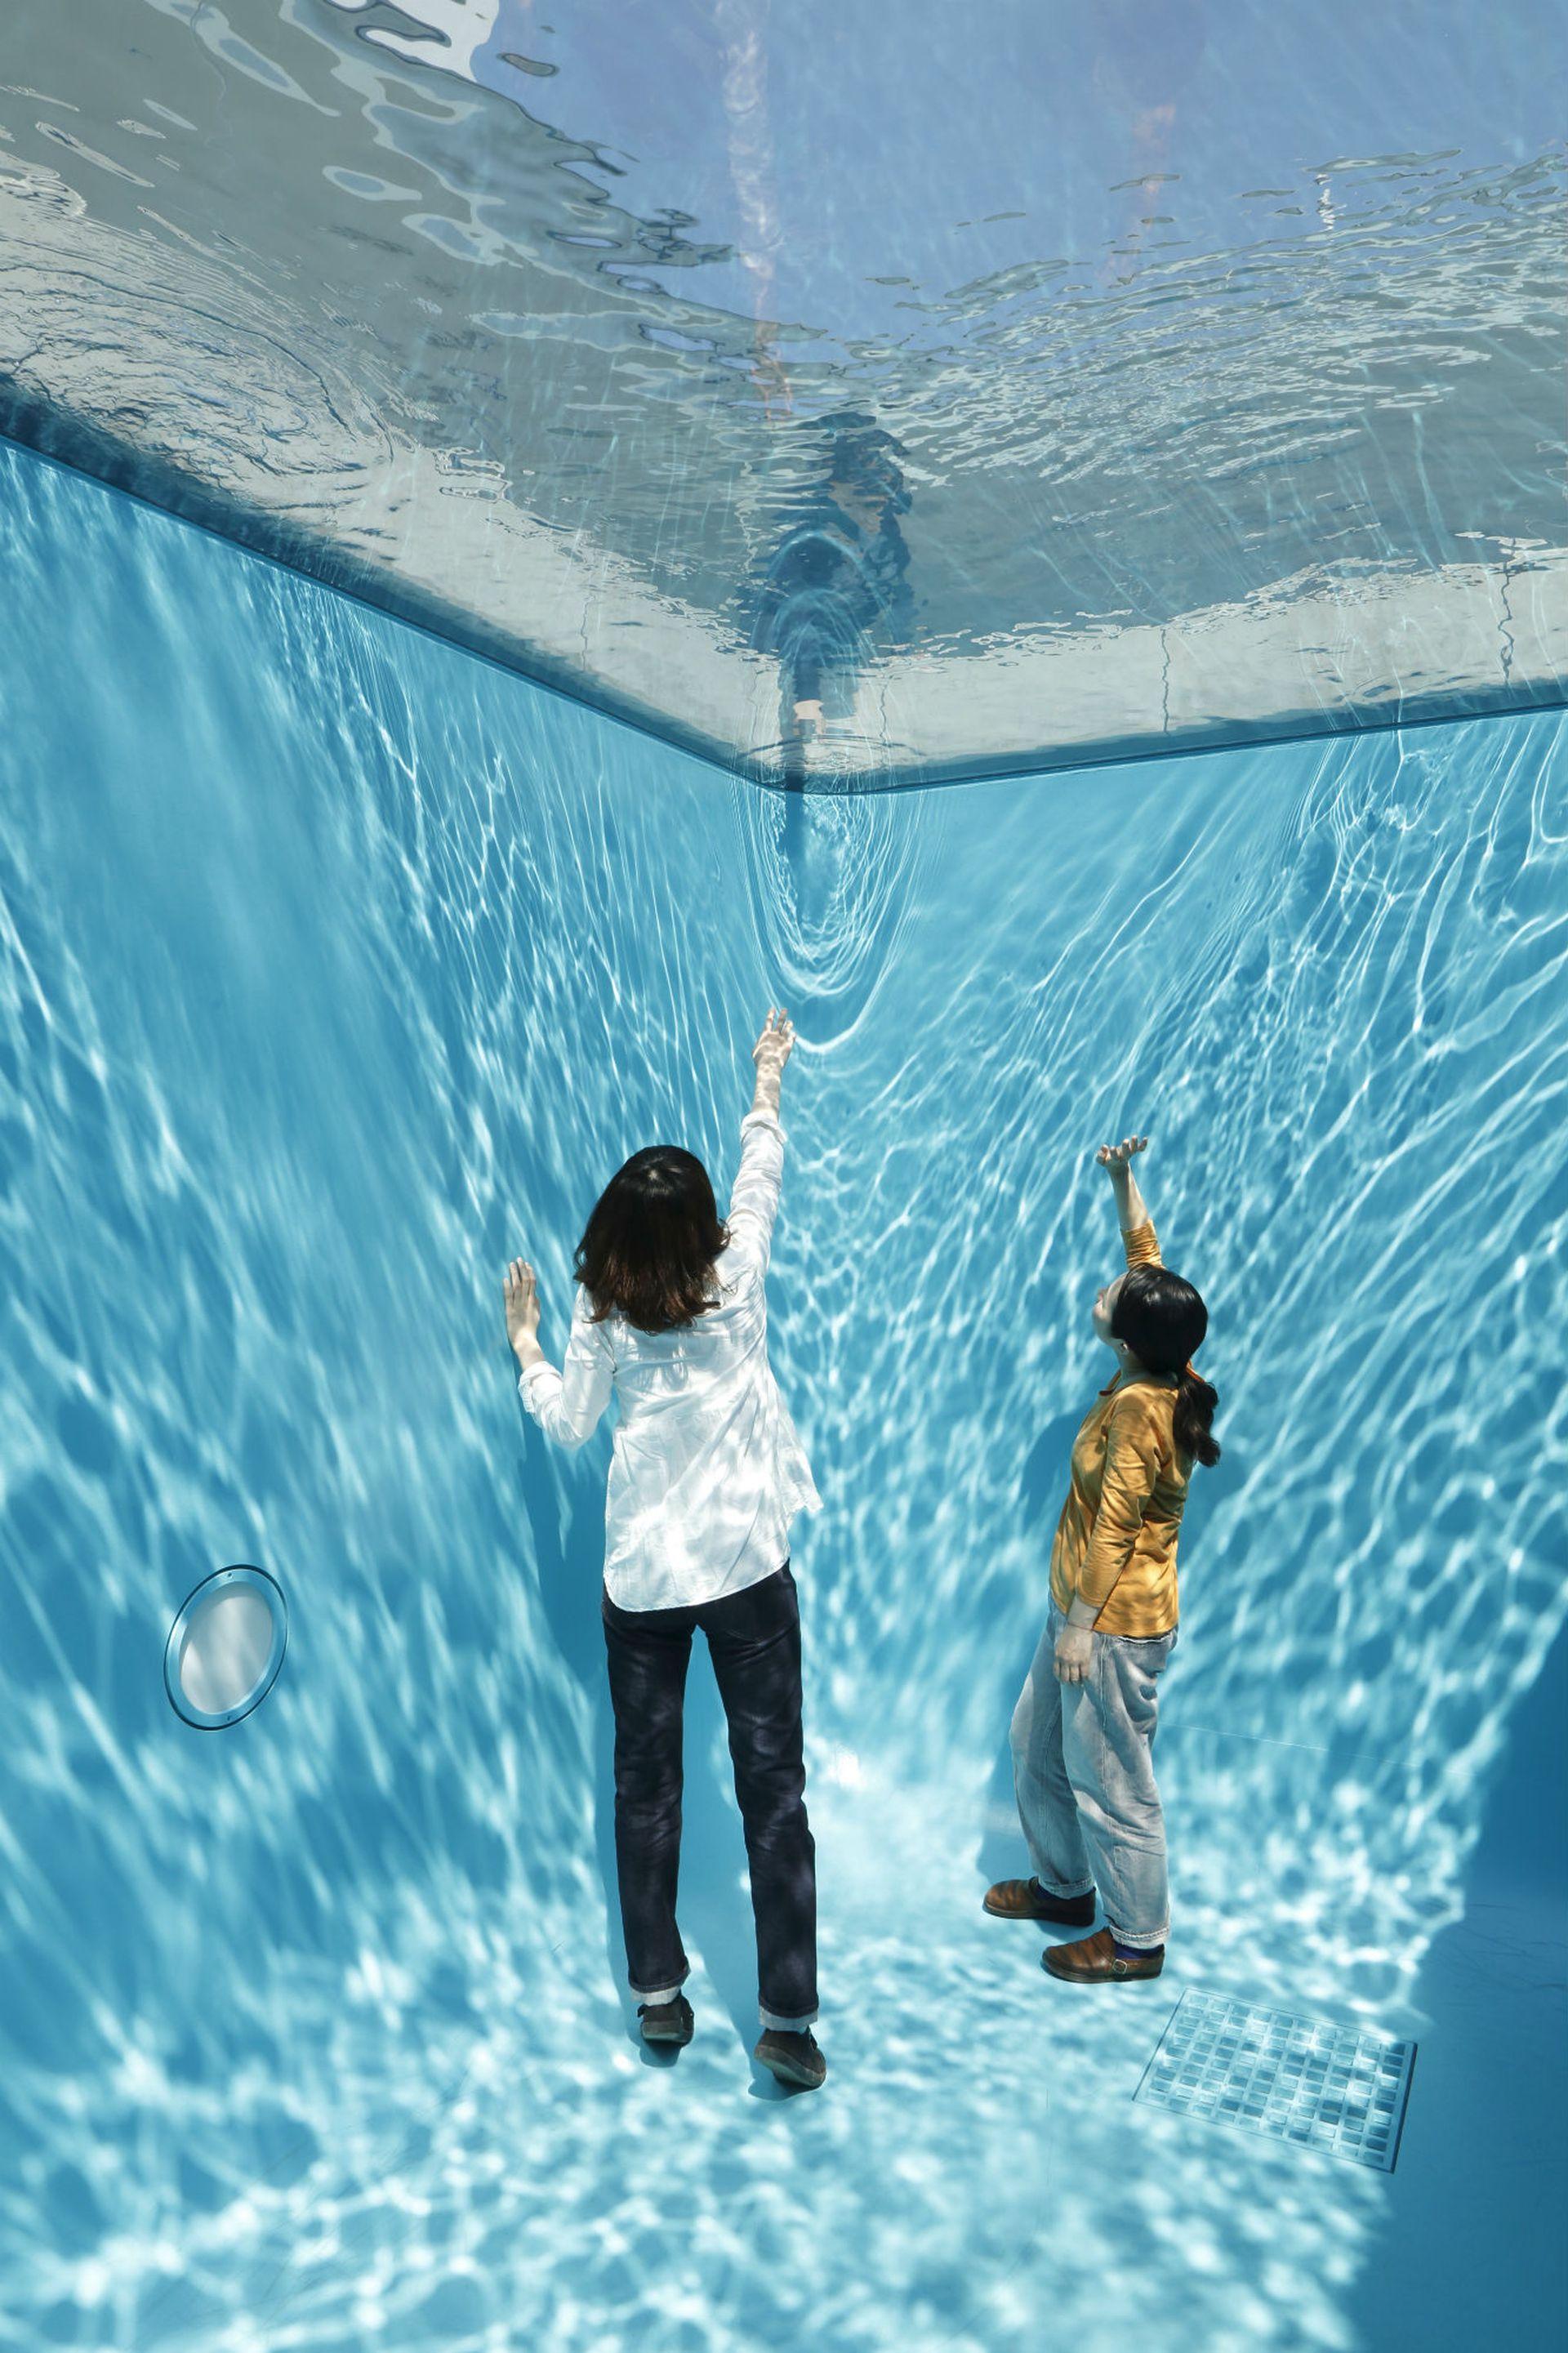 Detalle de La pileta (1999) de Leandro Erlich que produce la ilusión de poder vivir bajo el agua